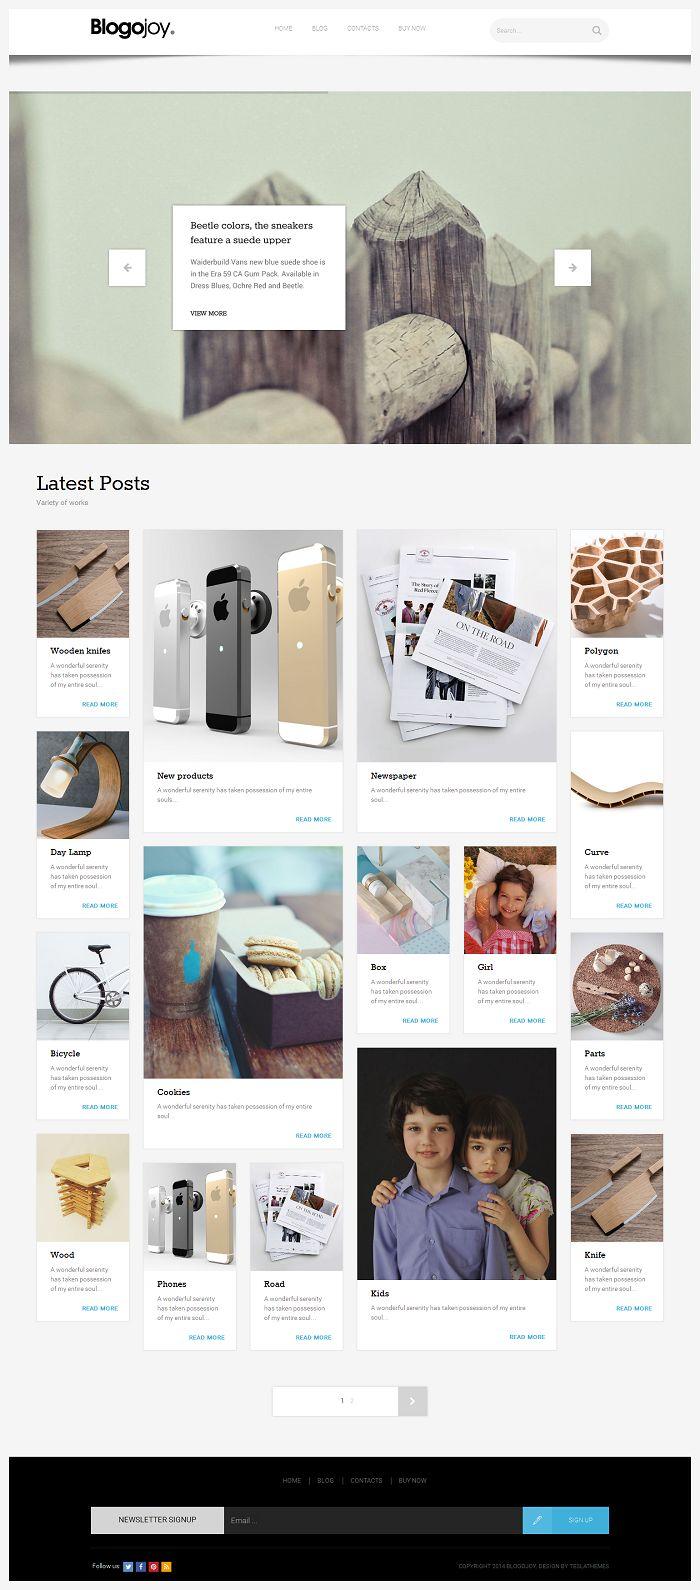 http://easycaptures.com/fs/uploaded/980/3143143507.jpg